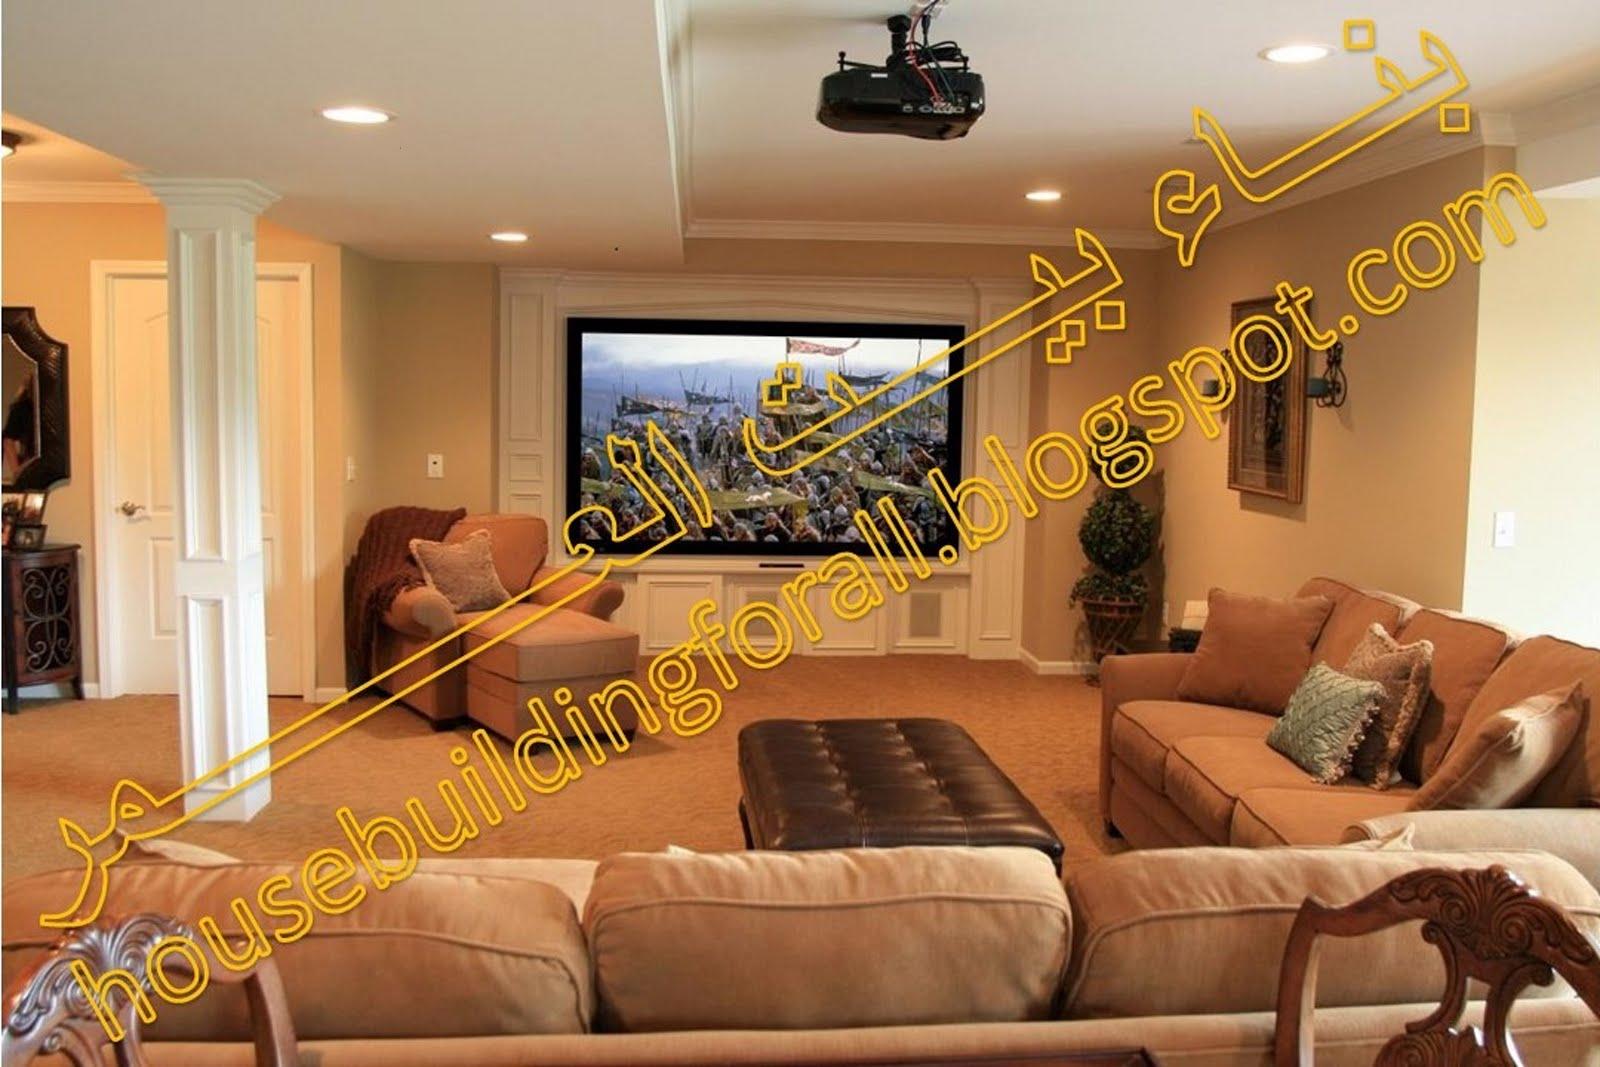 اختيار أطمح علامات ترقيم تكلفة بناء منزل 2018 Dsvdedommel Com